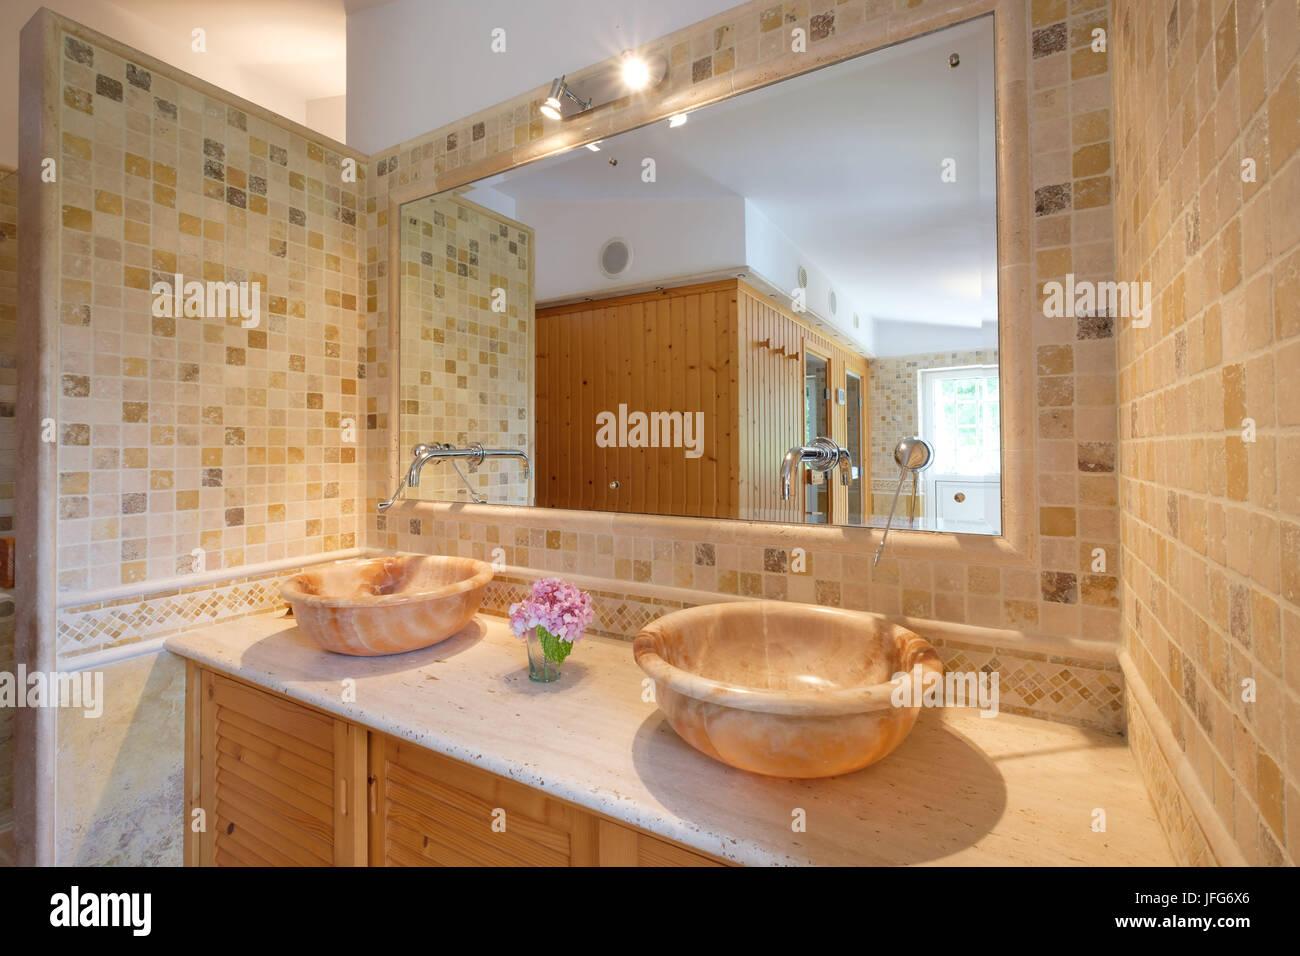 Vasca da bagno con un lavandino una doccia u foto stock